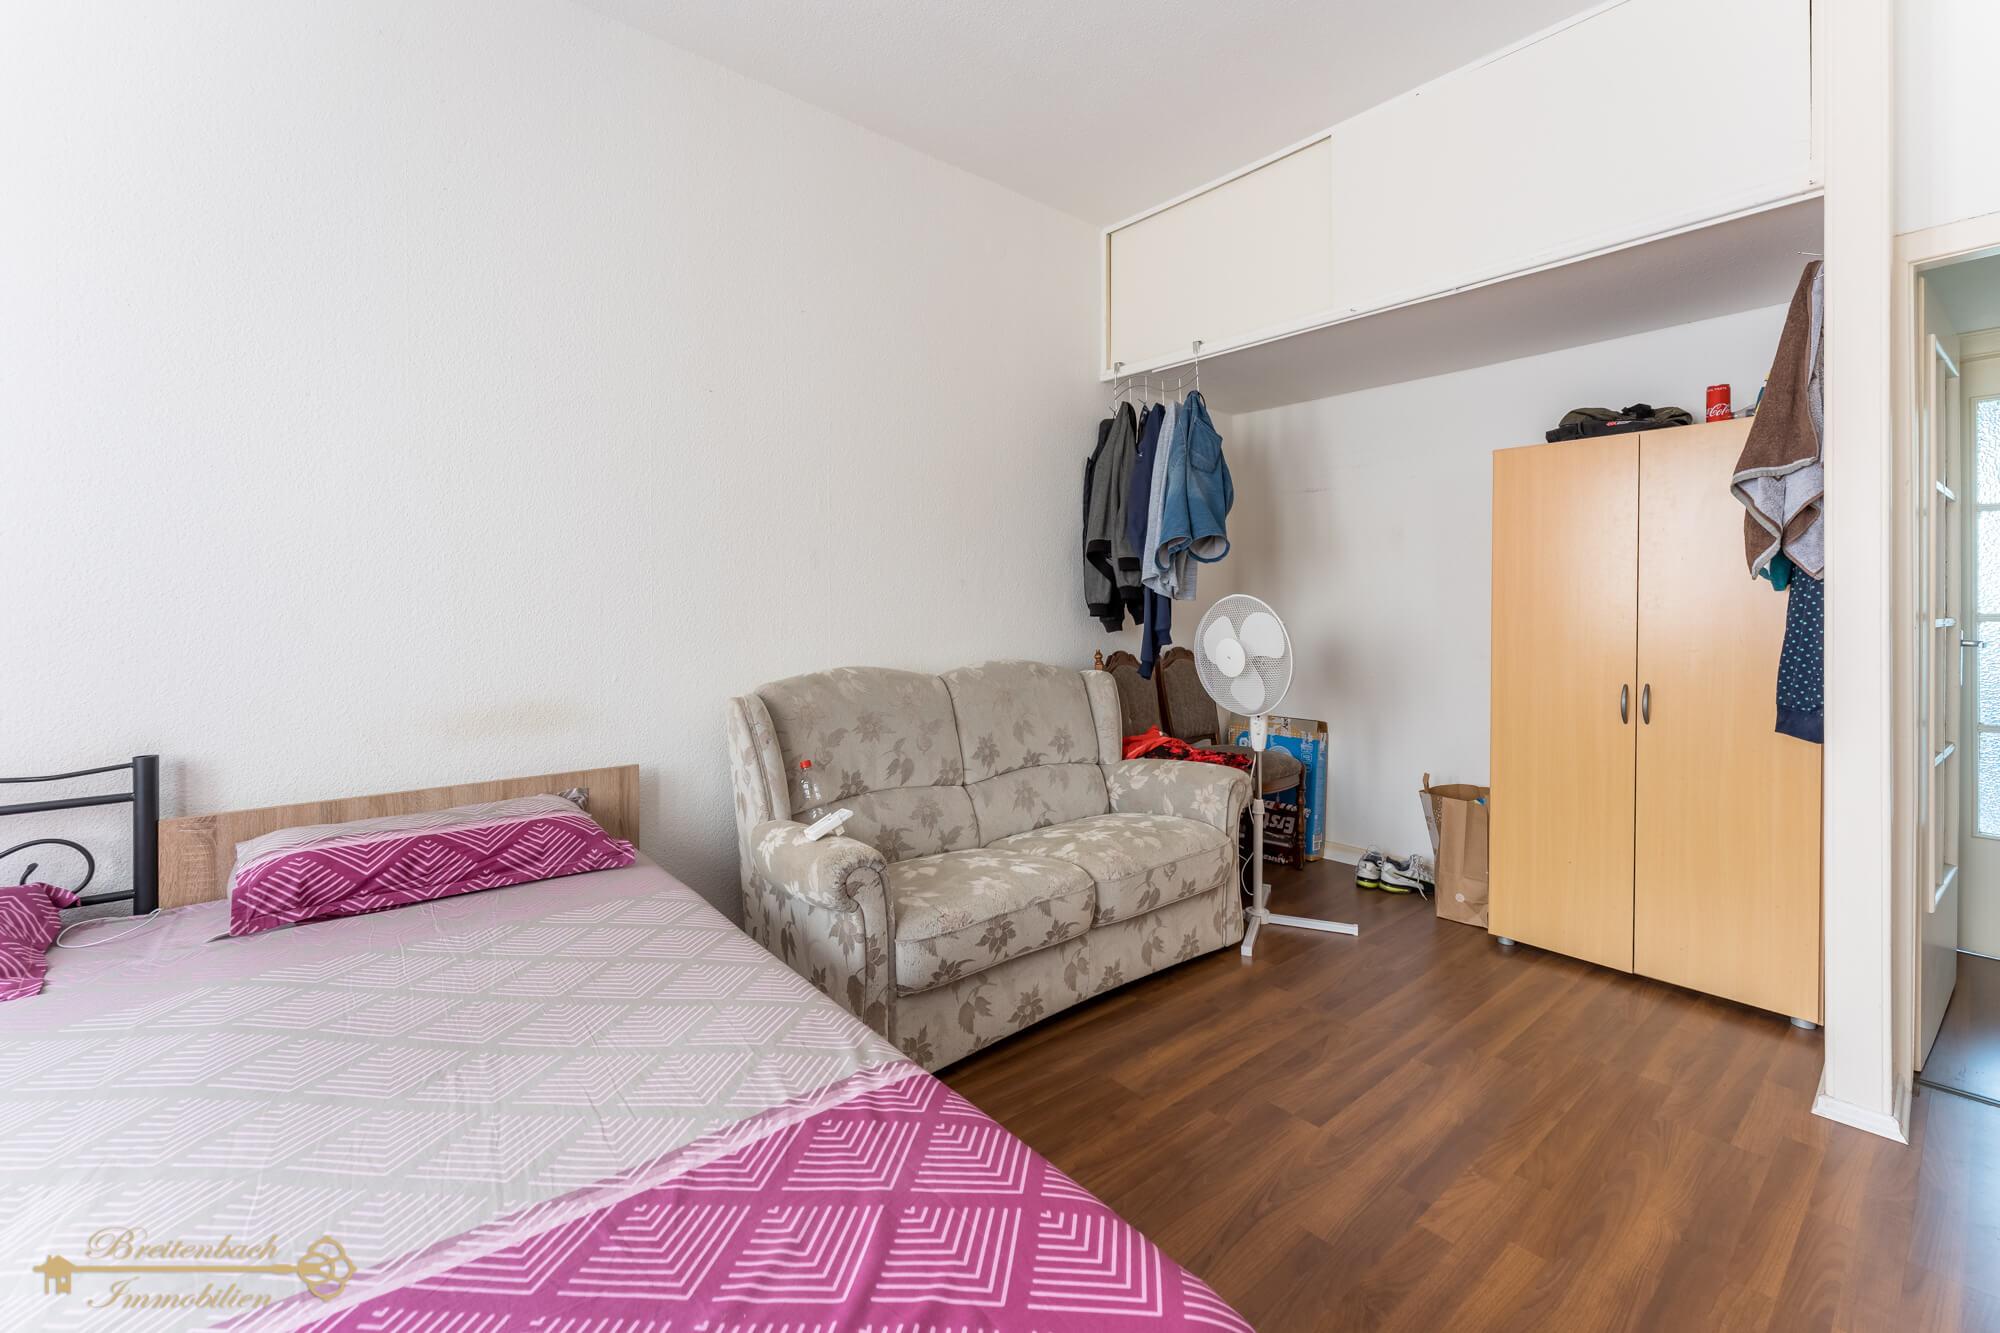 2021-06-15-Breitenbach-Immobilien-Makler-Bremen-8